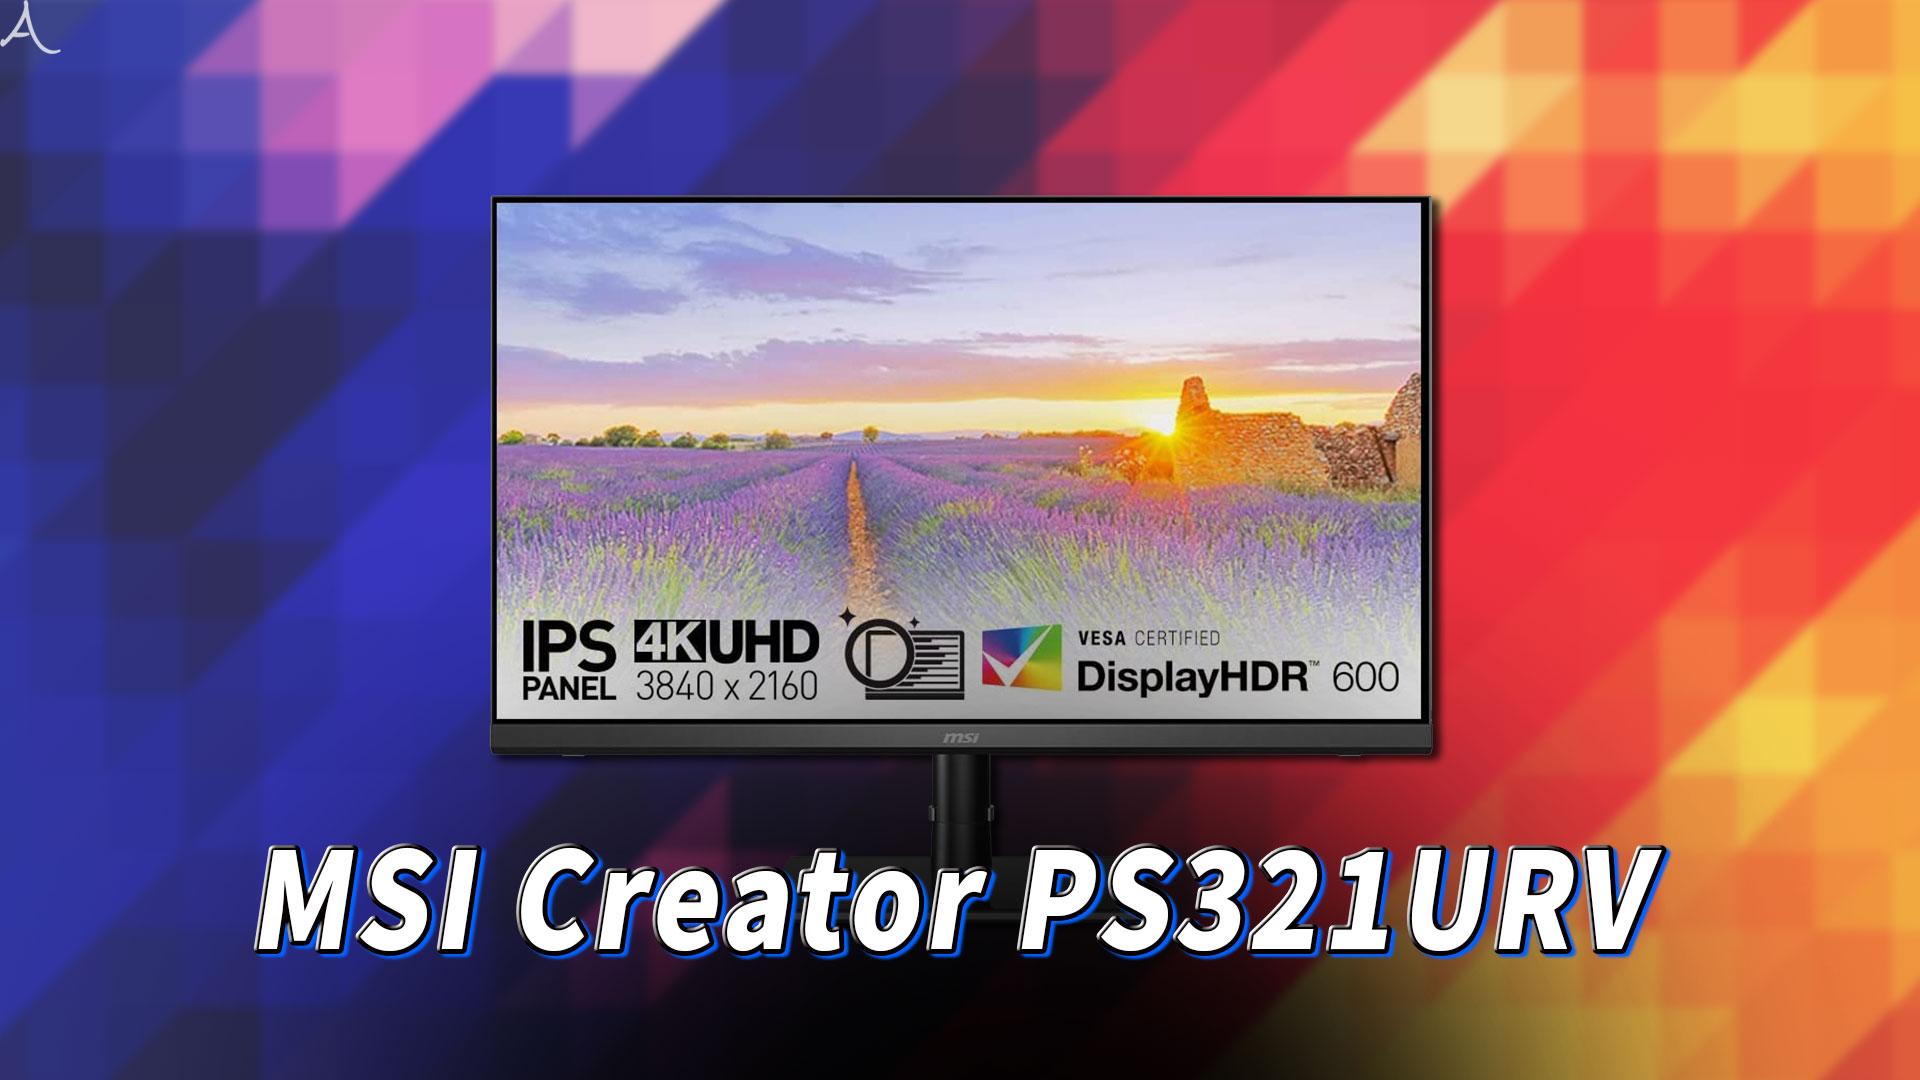 「MSI Creator PS321URV」ってモニターアーム使えるの?VESAサイズやおすすめアームはどれ?